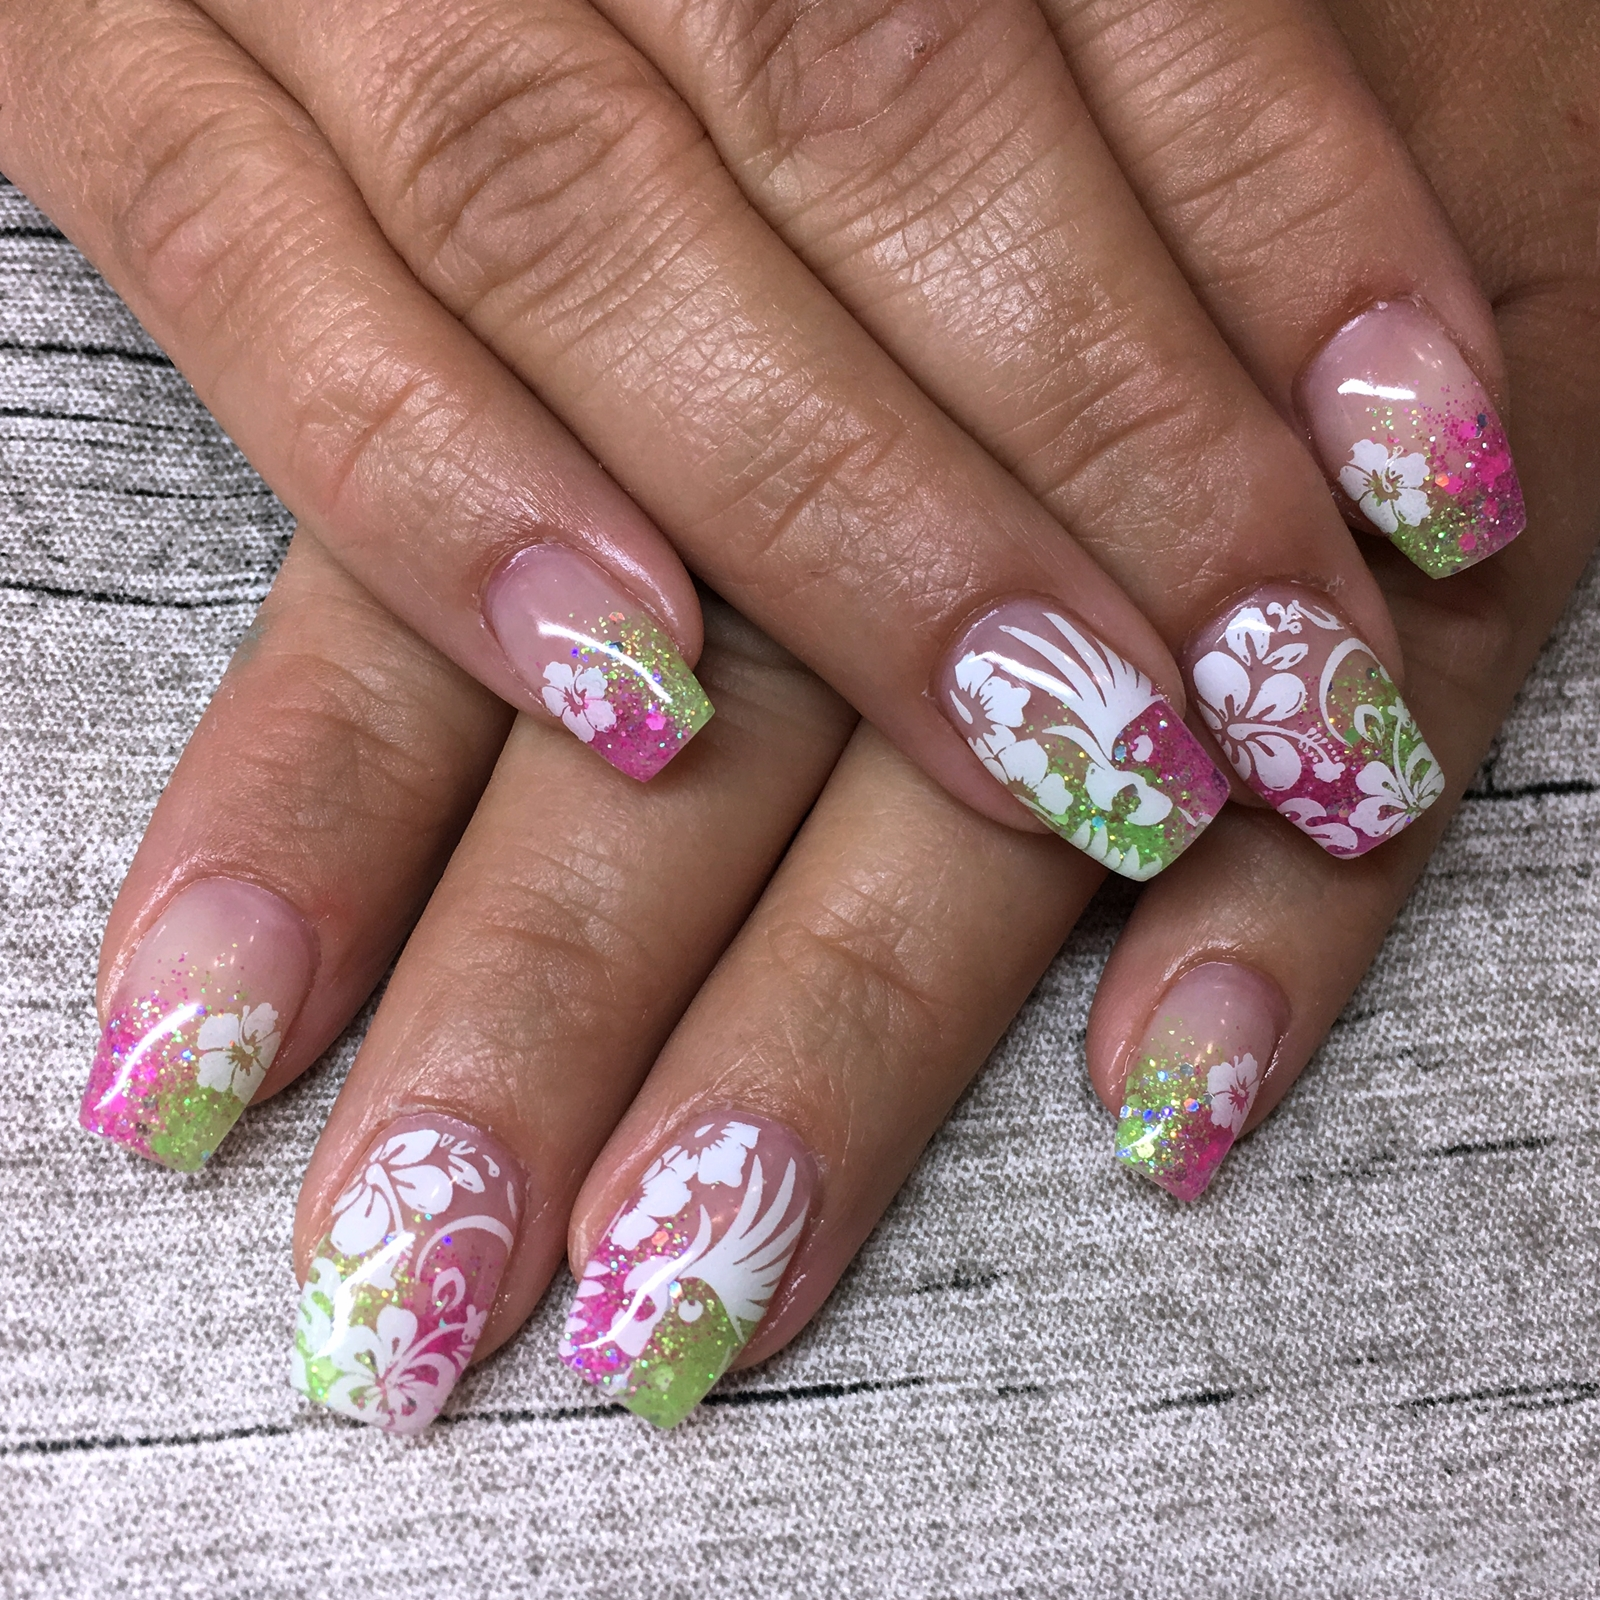 Nail Art Inspiration Spring Summer - Nageldesign für den Sommer - Nageldesign mit buntem Glitzer und Stamping - Nägel auffällig gestalten - Fashionladyloves by Tamara Wagner